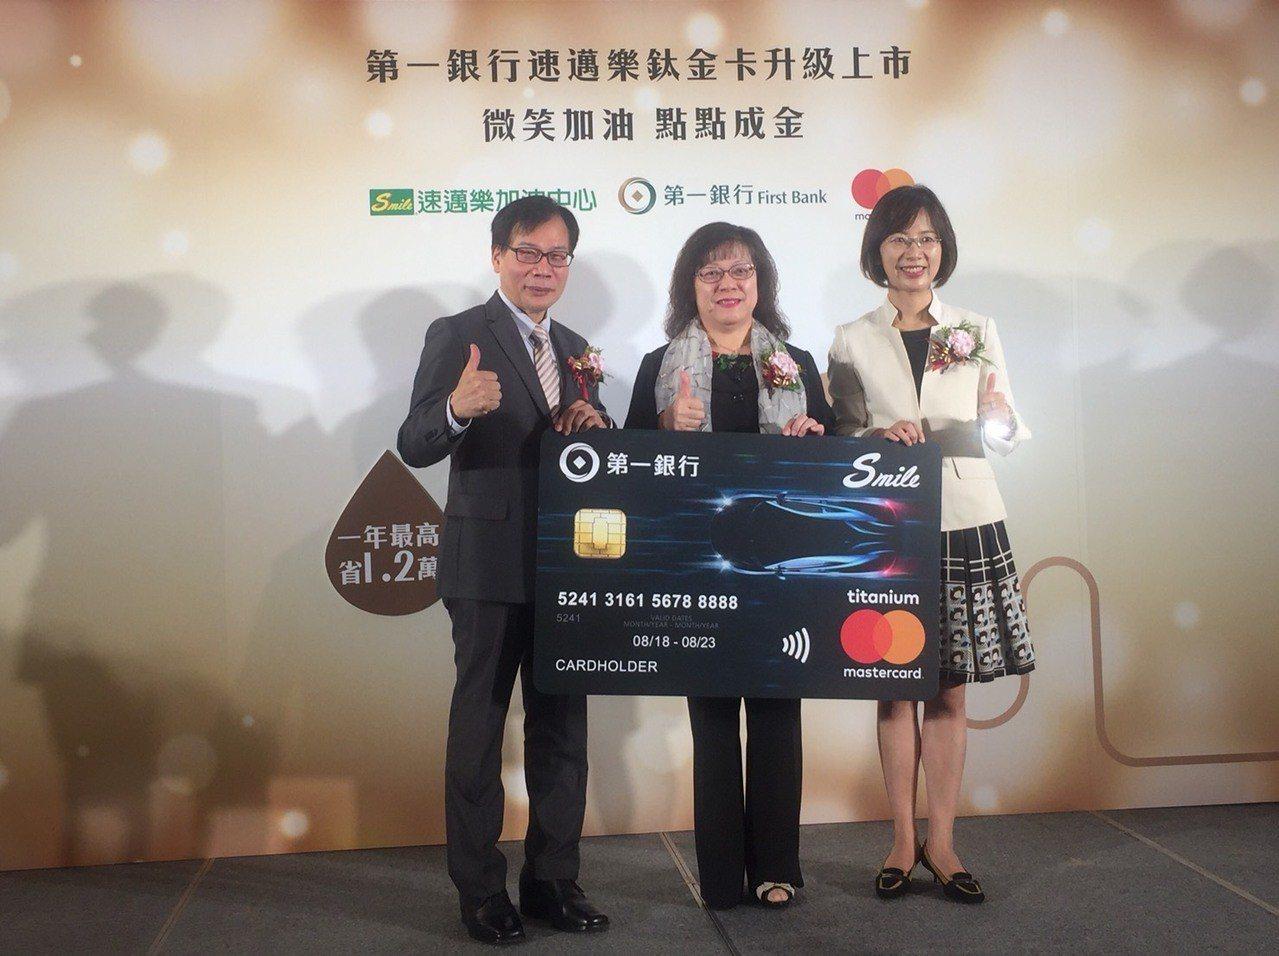 第一銀行、統一精工及萬事達卡今(7)天攜手推出「第一銀行速邁樂鈦金卡」,打造全台...